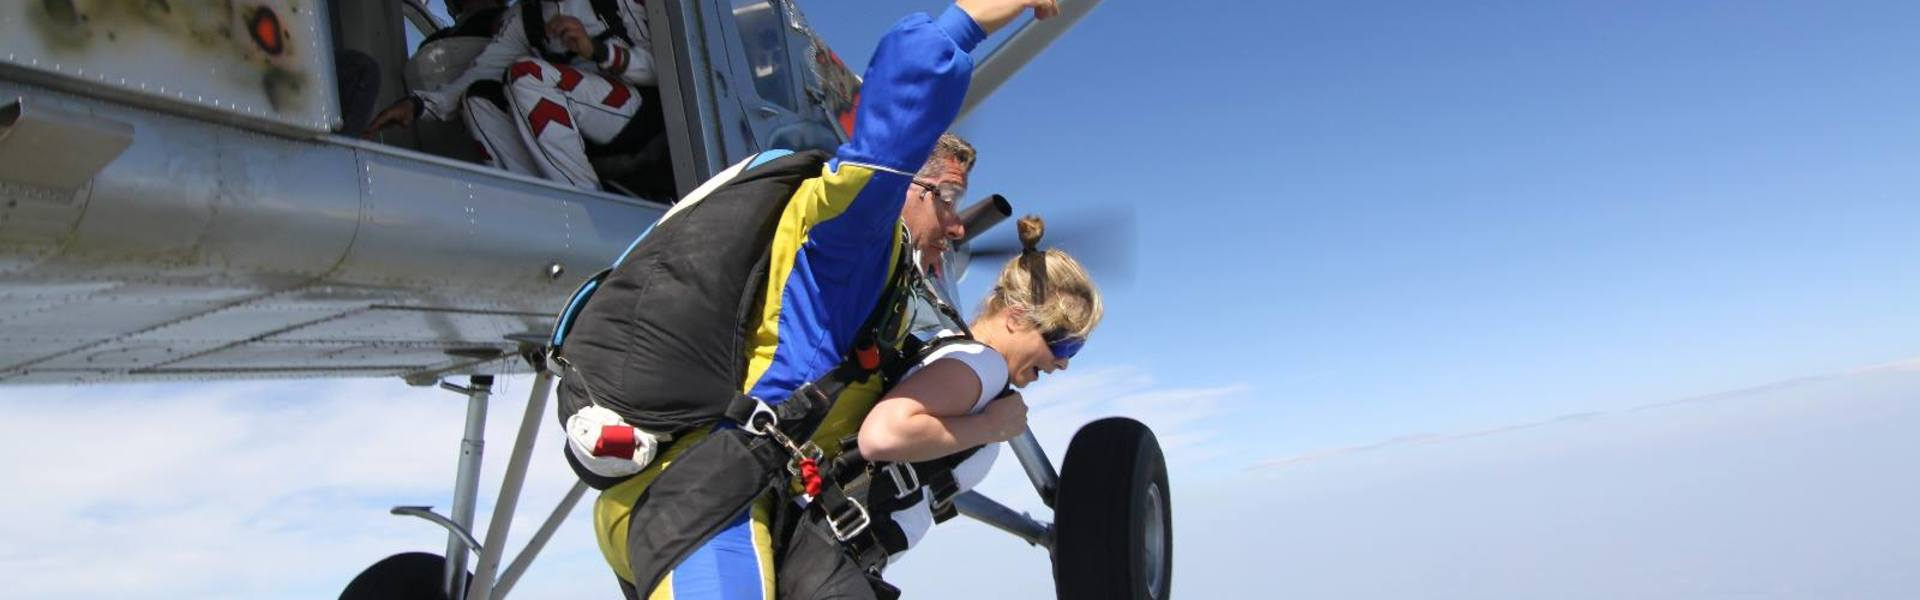 Saut en parachute Picardie